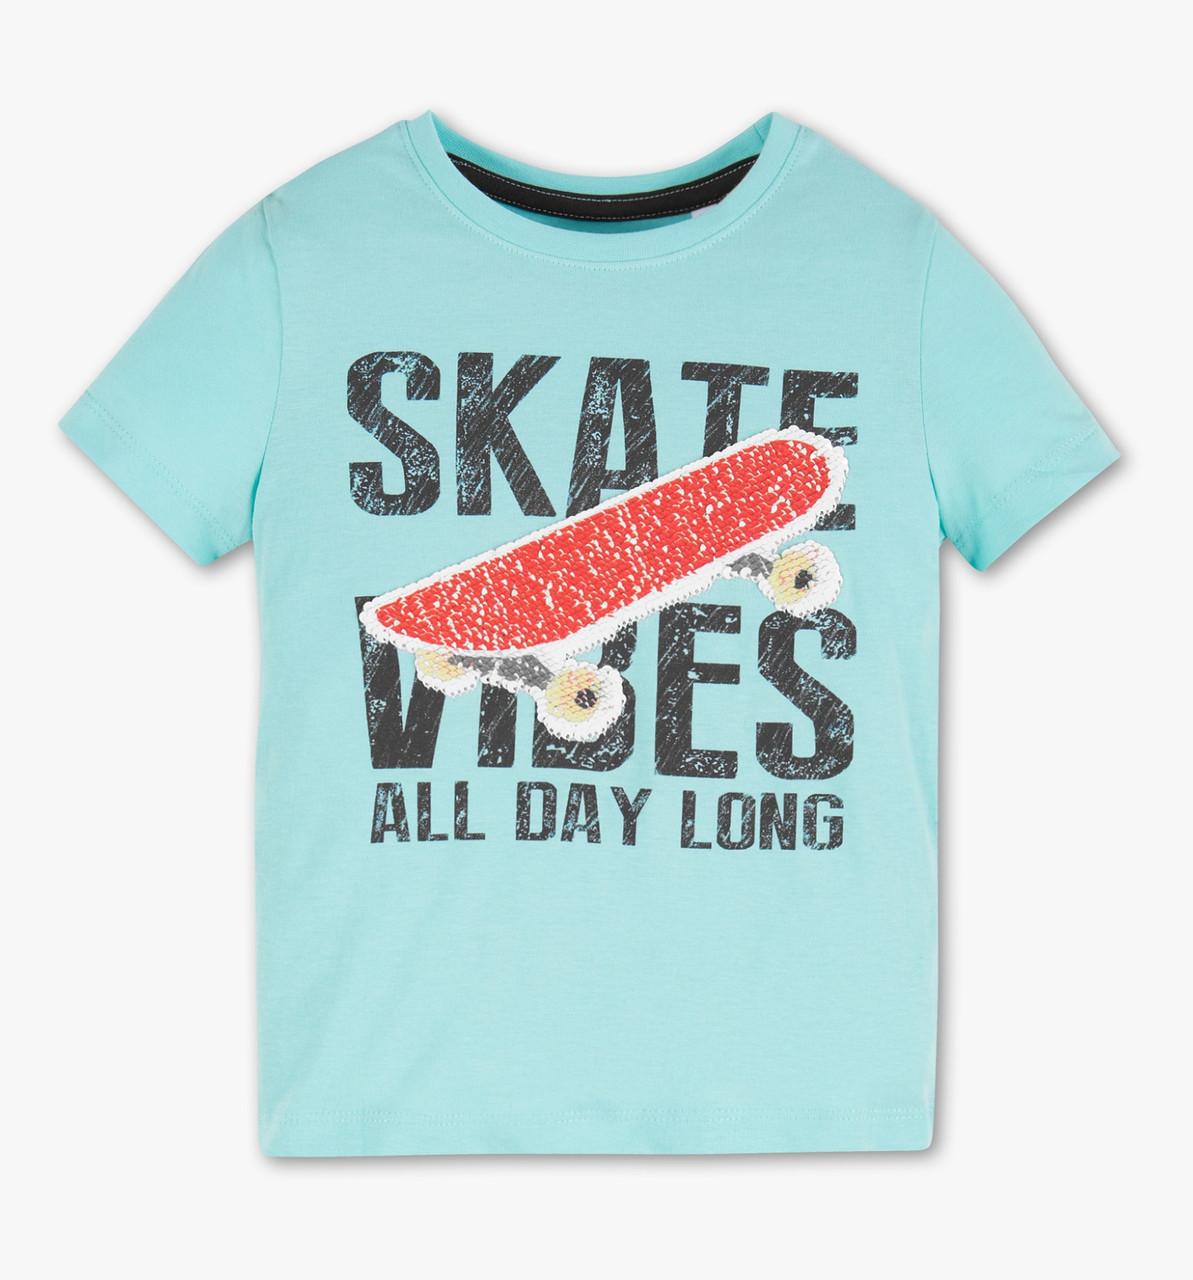 Детская футболка для мальчика с пайетками перевертышами C&A Германия Размер 122